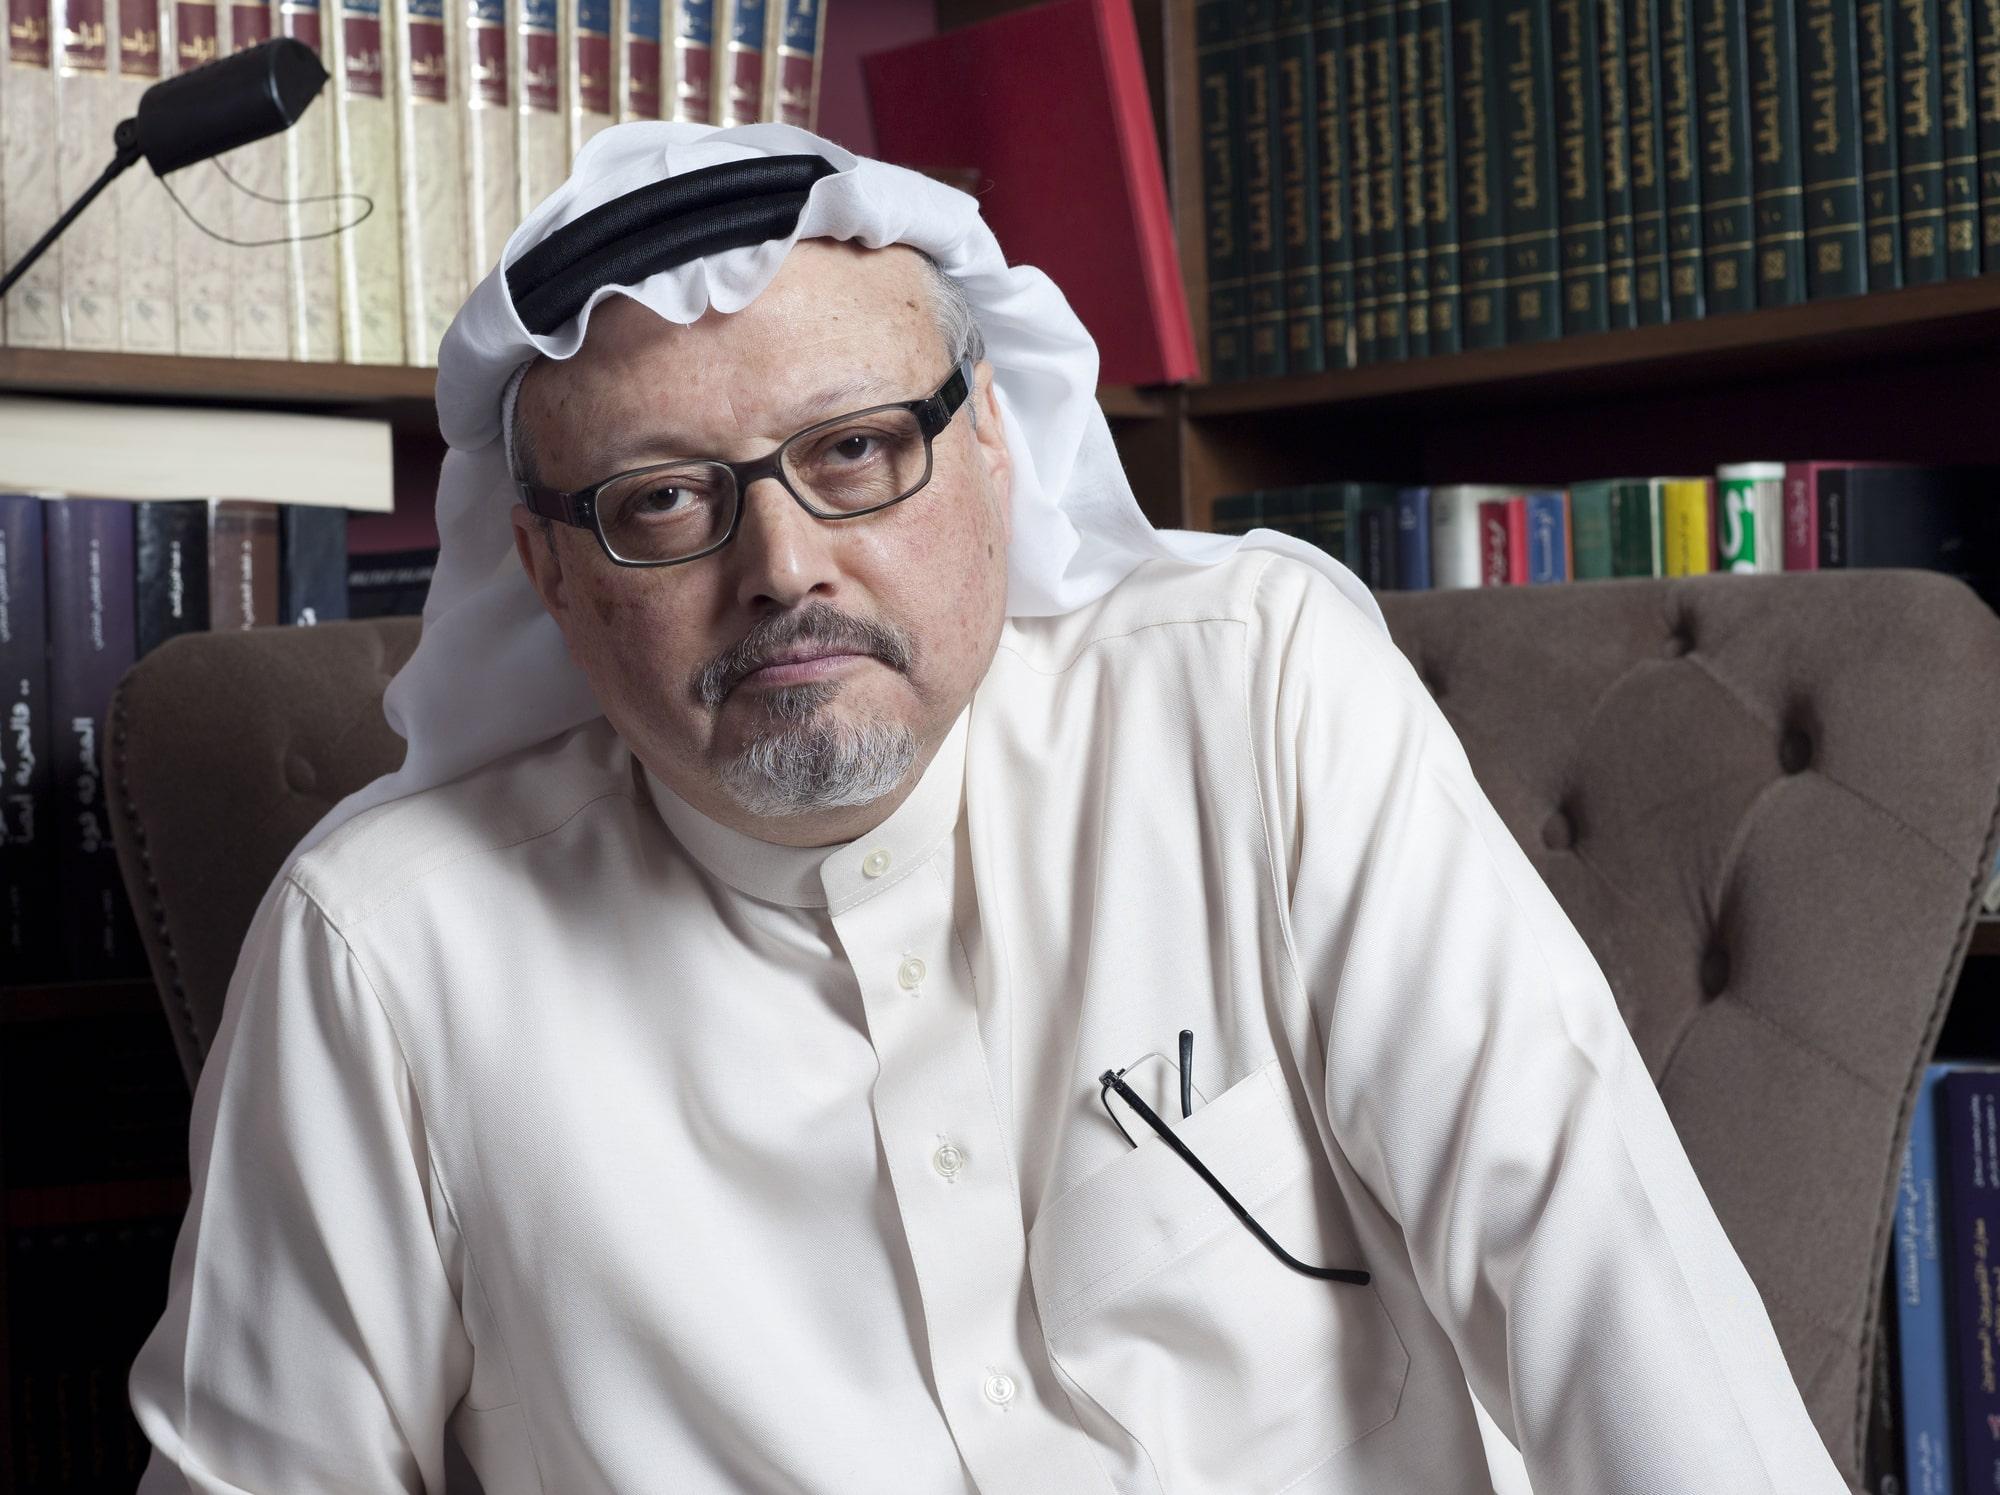 Вышел трейлер фильма «Диссидент» об убийстве журналиста Джамаля Хашогги